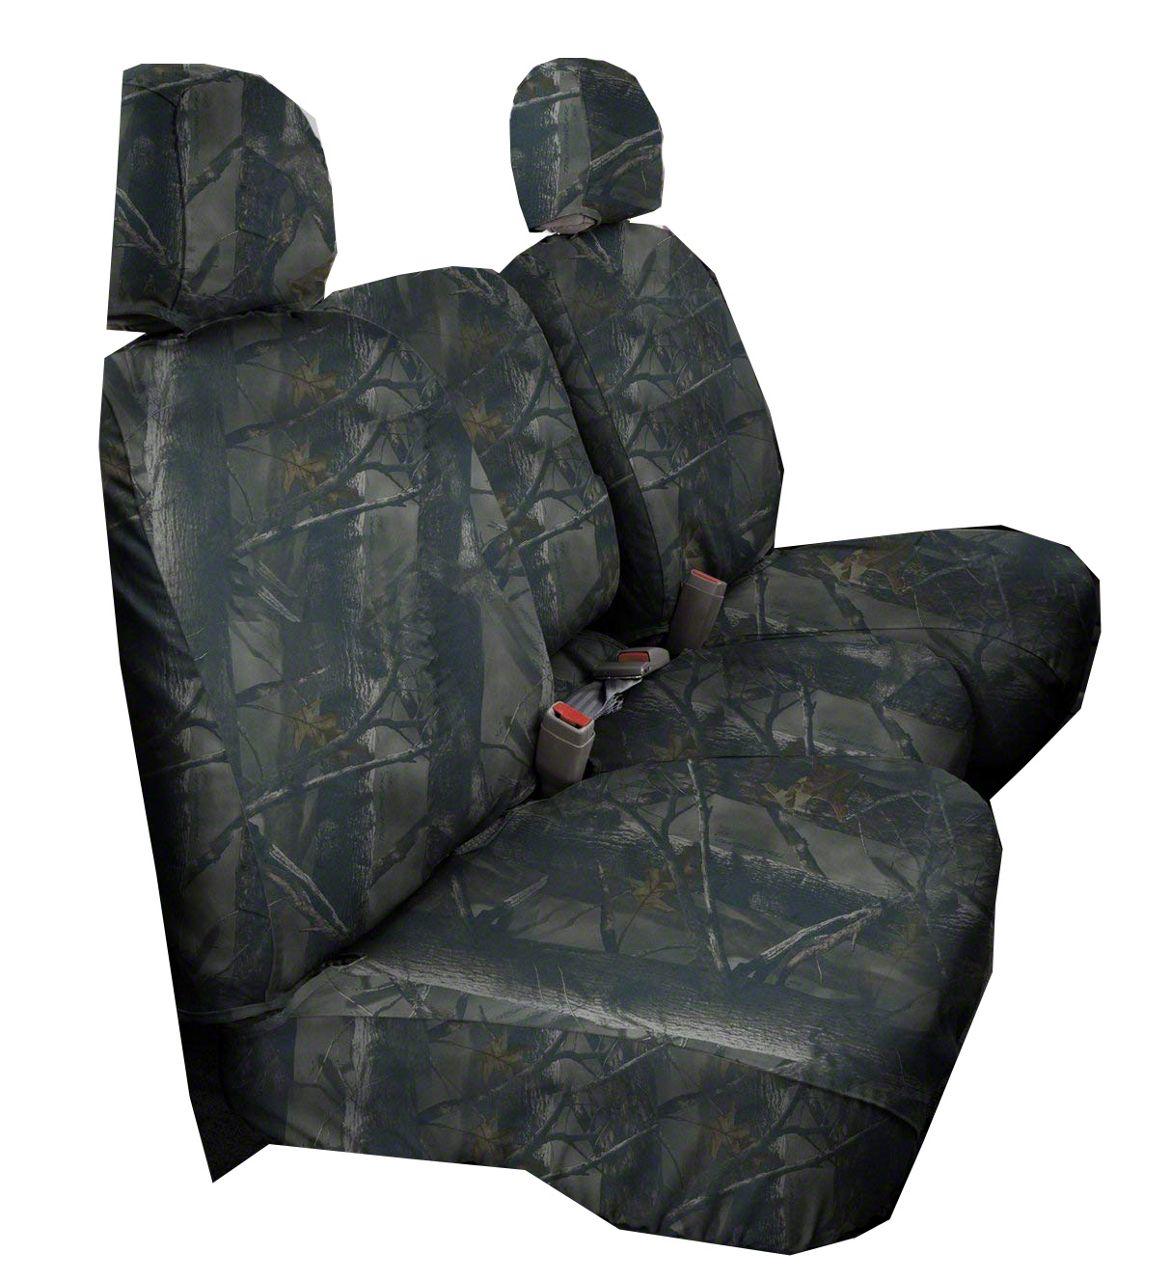 Covercraft SeatSaver Second Row Seat Cover - True Timber 3D Image Camo (99-06 Silverado 1500 Extended Cab, Crew Cab)